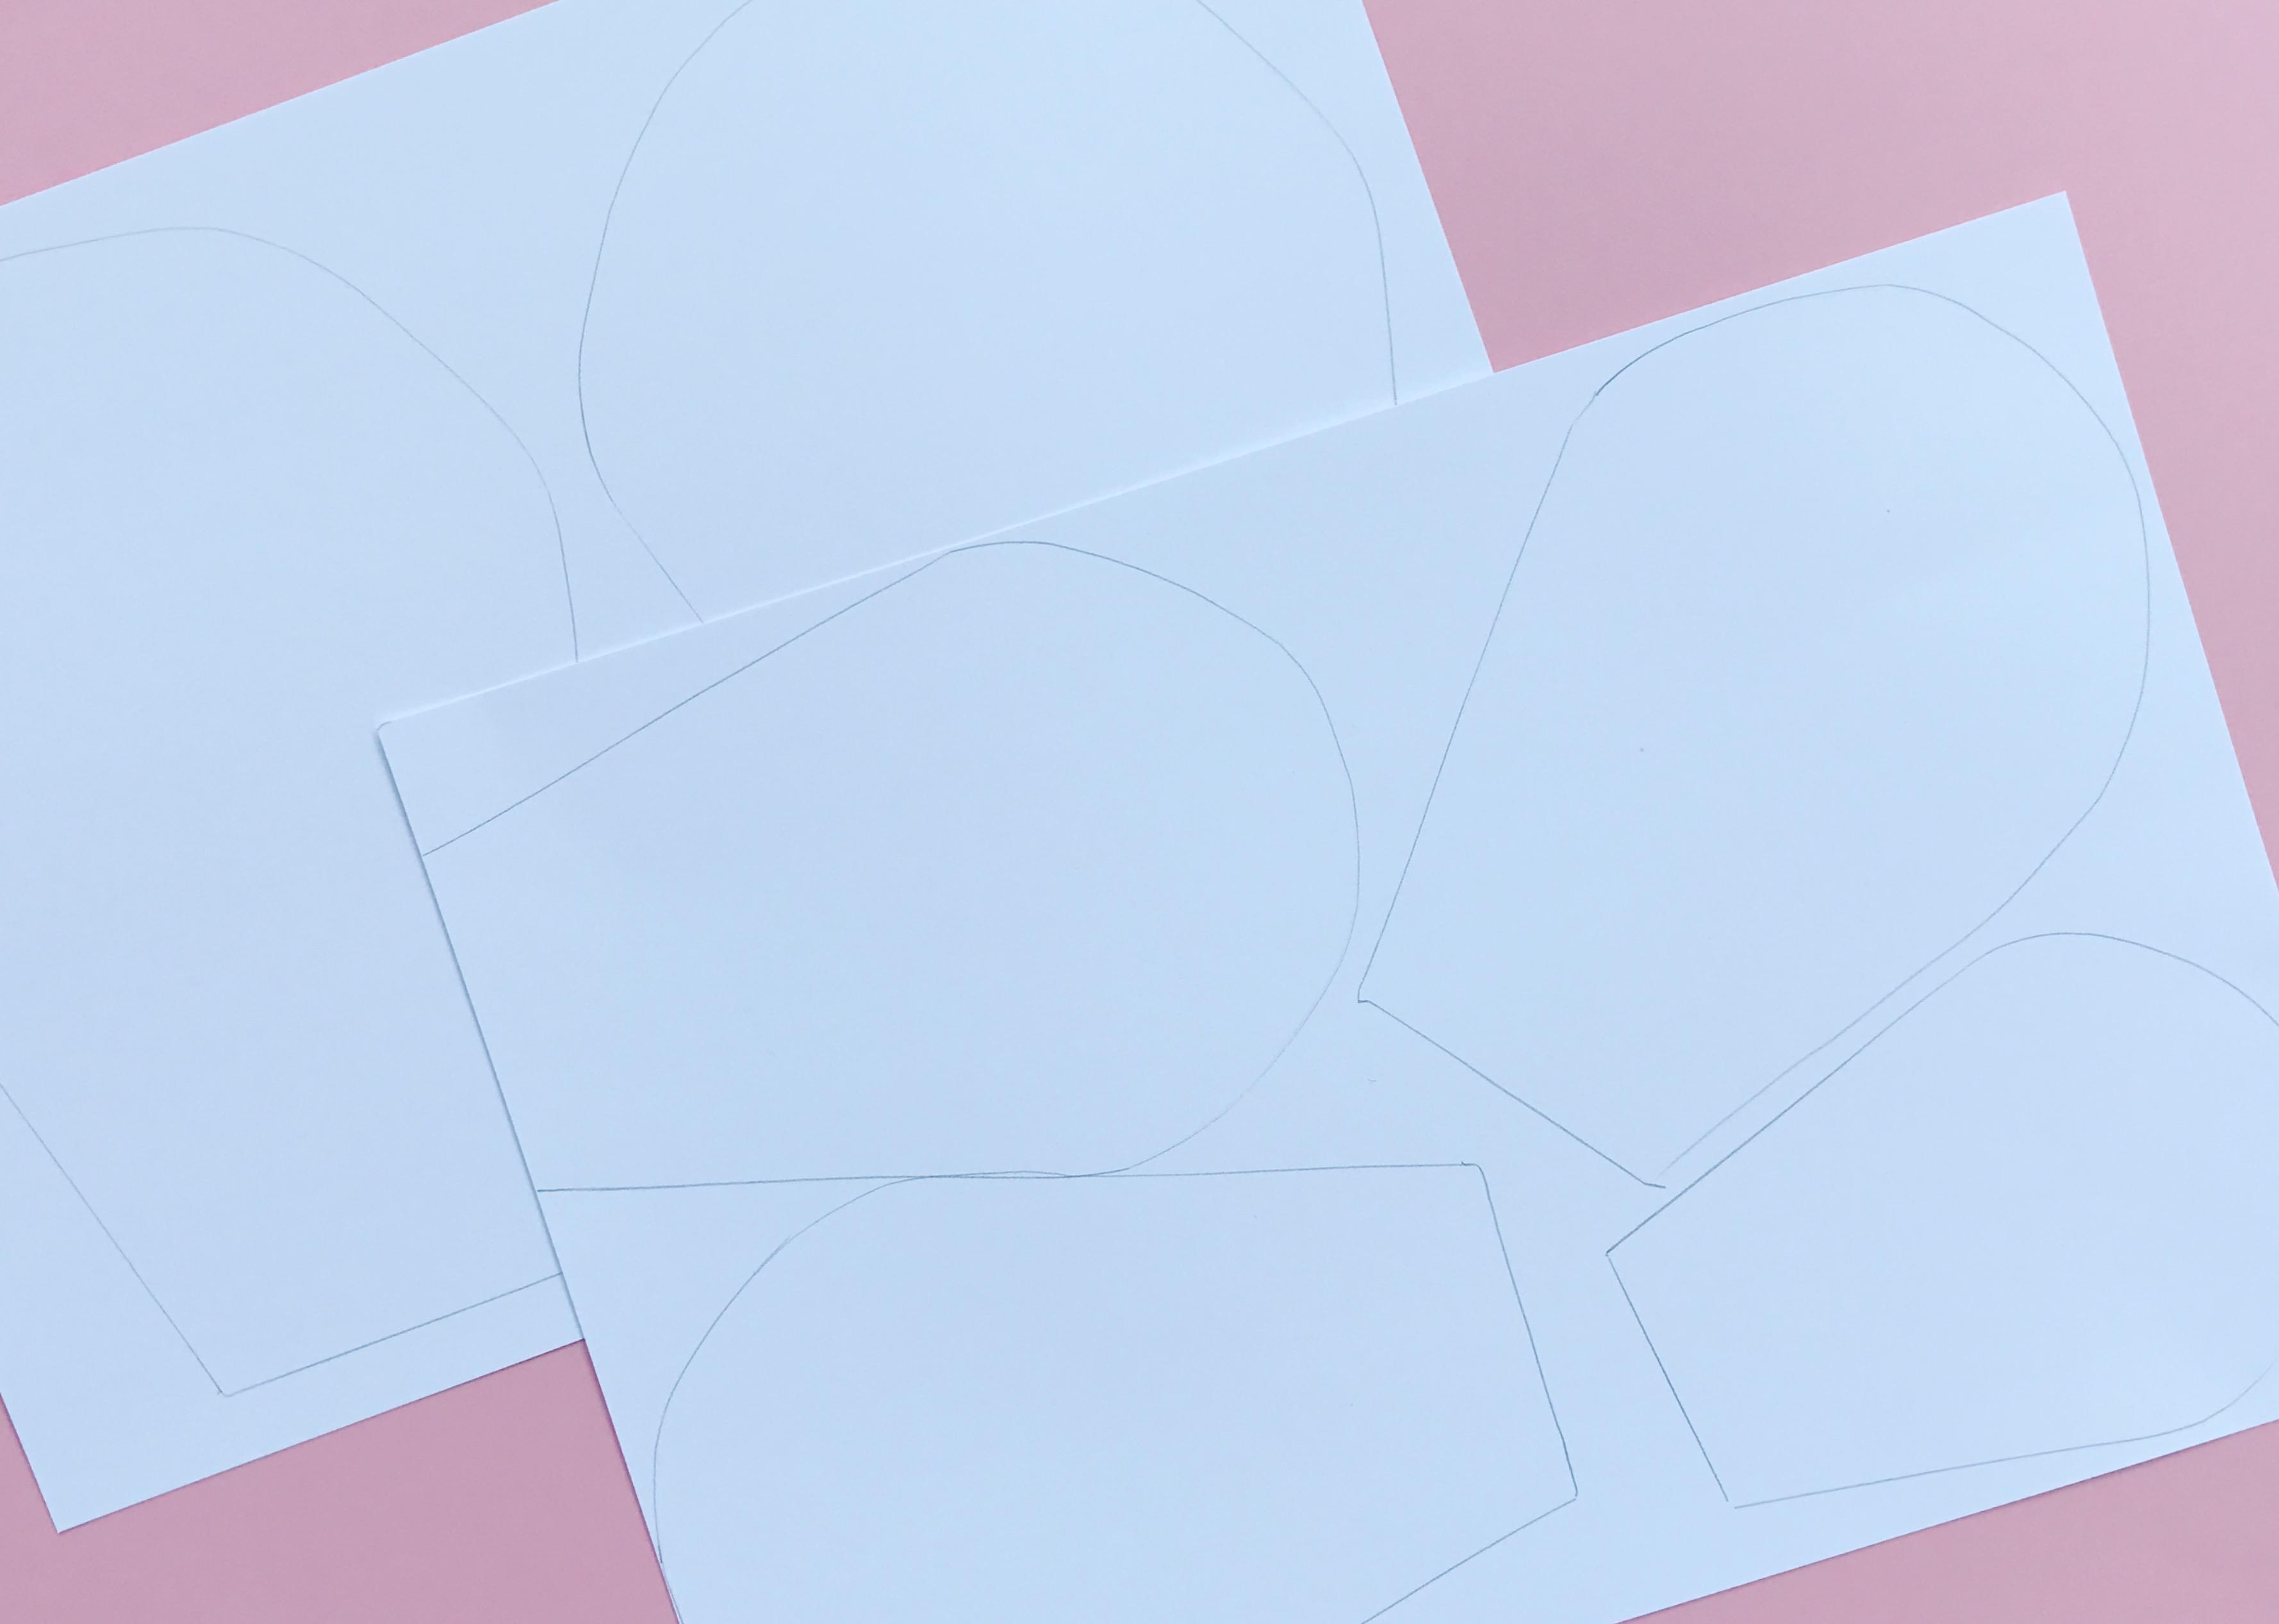 Kwiaty Chanel Papierowe Diy Krok Po Kroku The Weddbook Blog Slubny